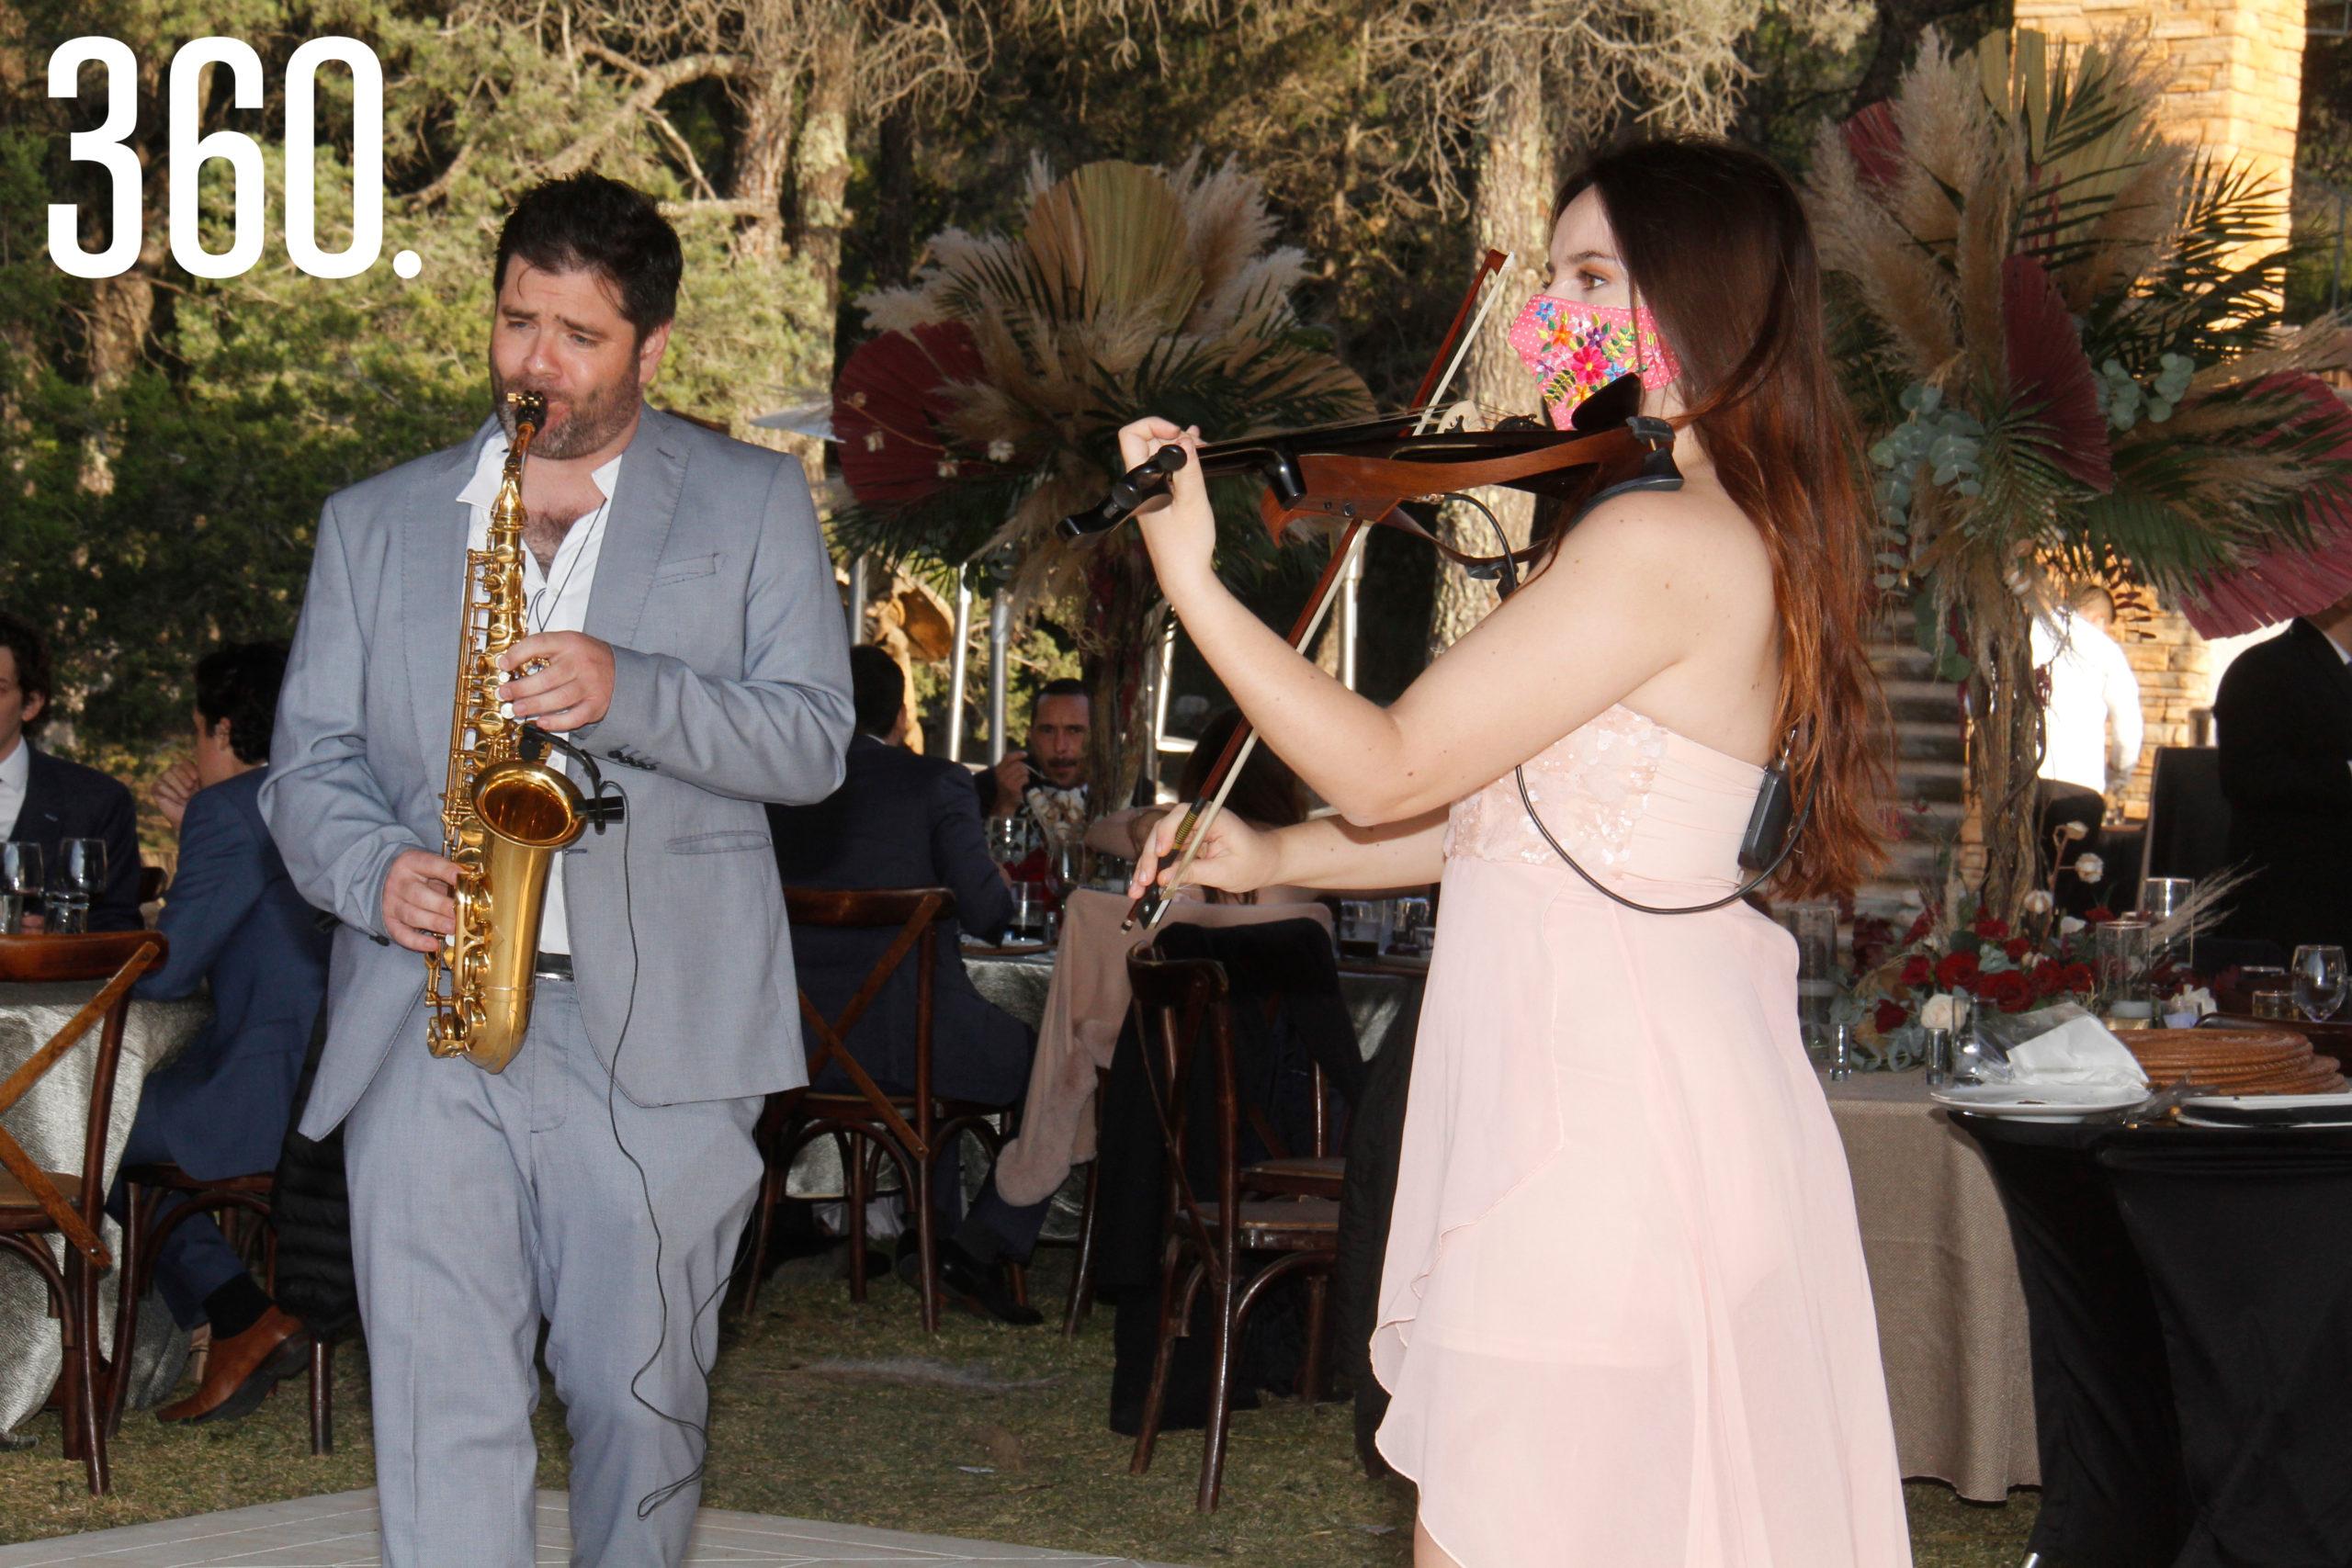 El saxofonista Mauricio González y la violinista Priscilla Portales tocaron en dueto románticos temas para los novios.